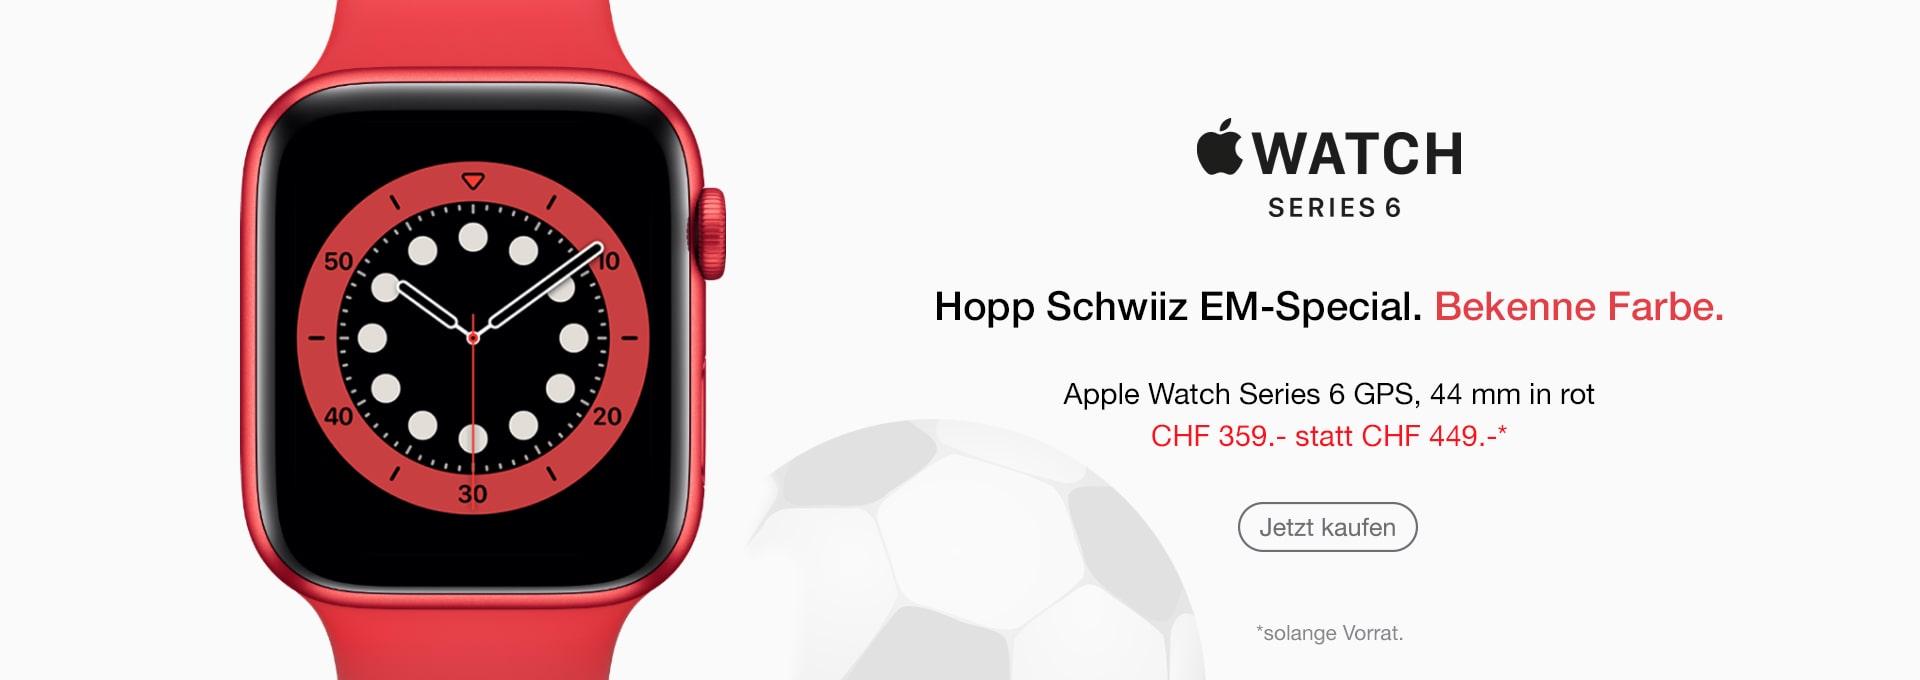 Apple Watch Schweizer Farbe